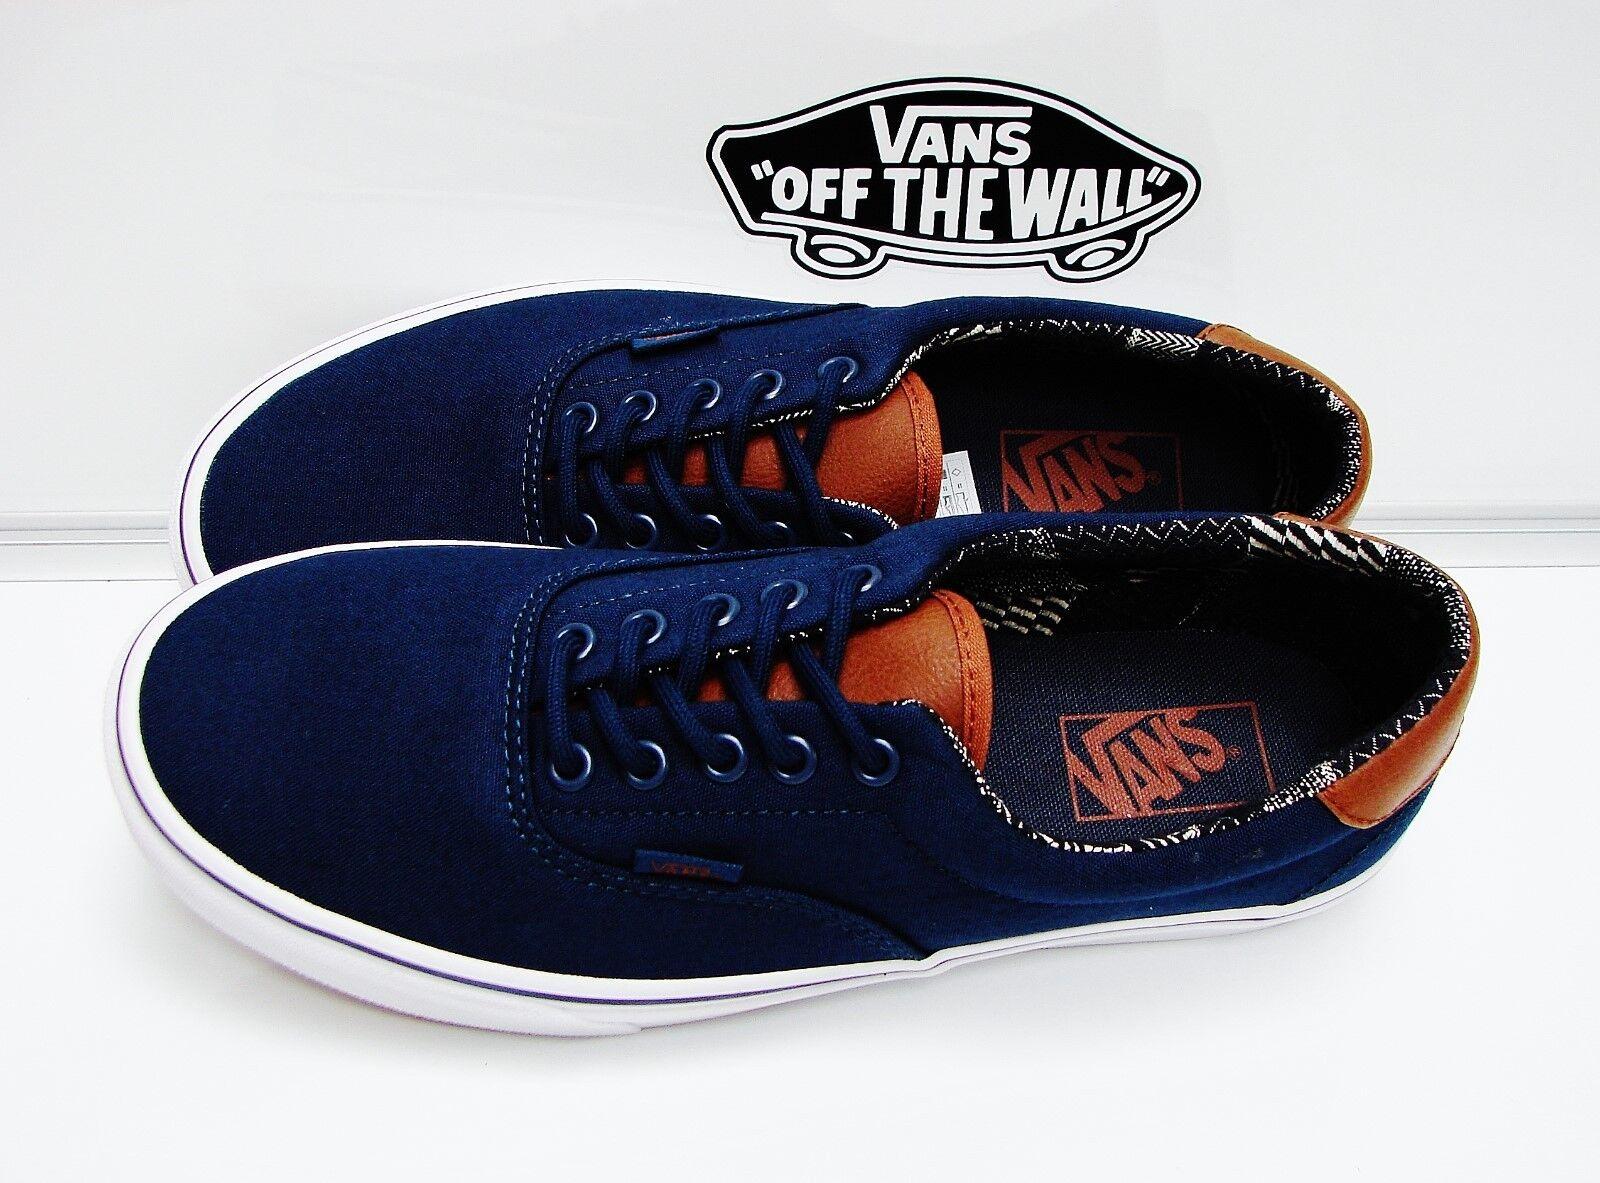 VANS ERA 59 (C&L)DRESS blueES MATERIAL VN-0A38FSMVE MEN'S SIZE  10